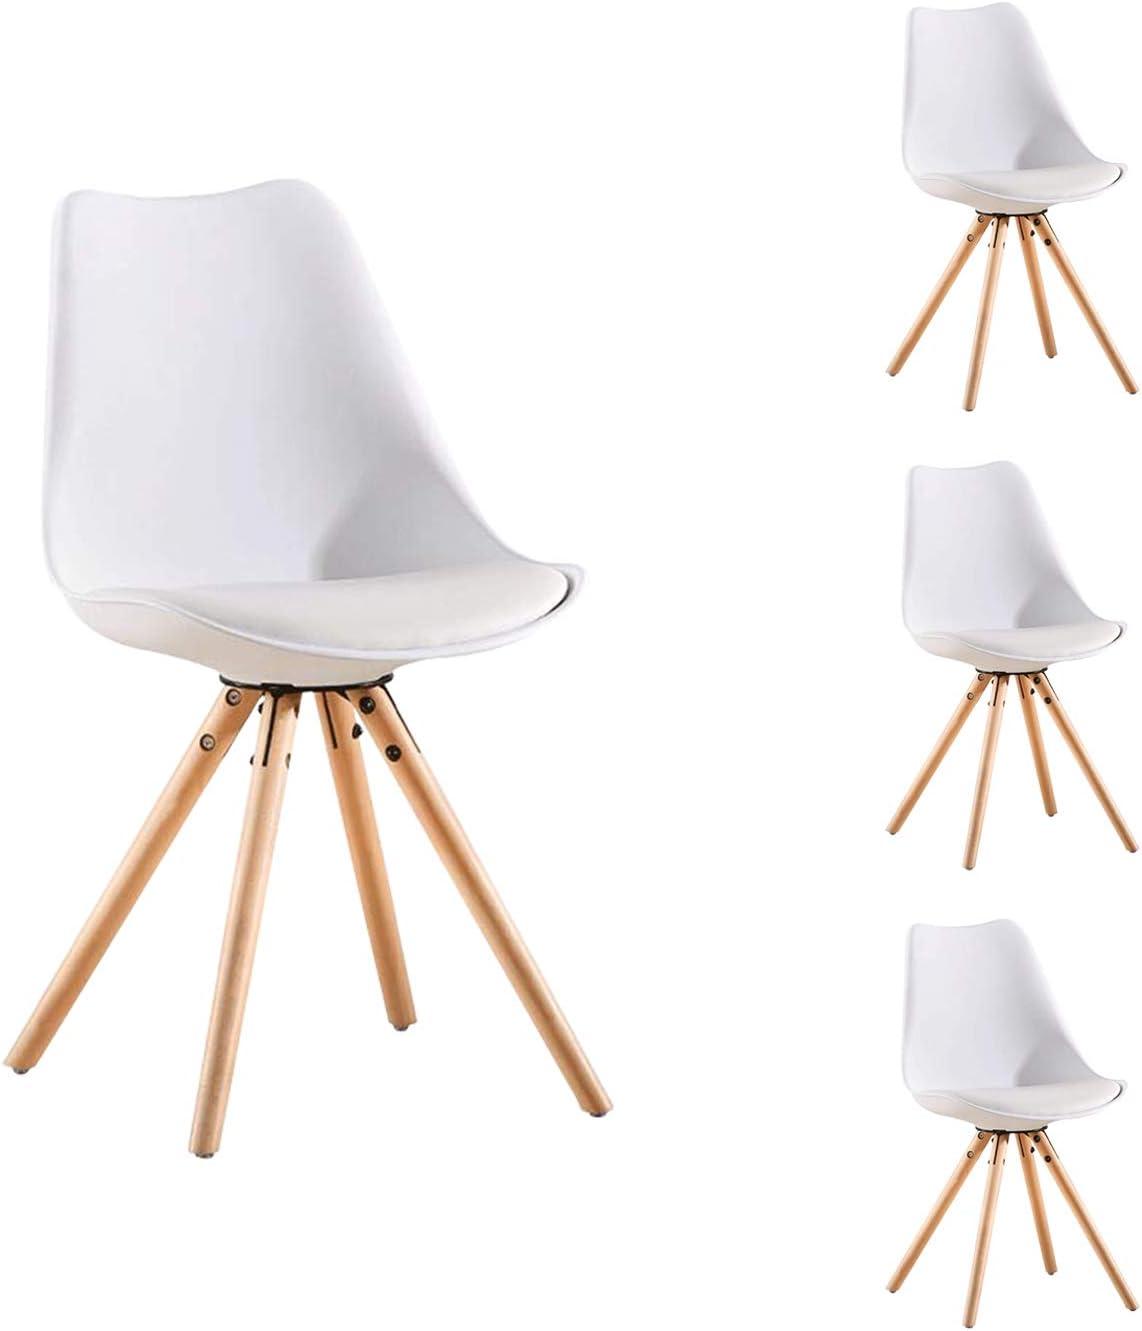 Sedie da Pranzo Nicemoods Gambe in Legno Naturale Sedia Sedile in Plastica per Soggiorno Cucina Camera da Letto Soggiorno Set di 2, Bianco